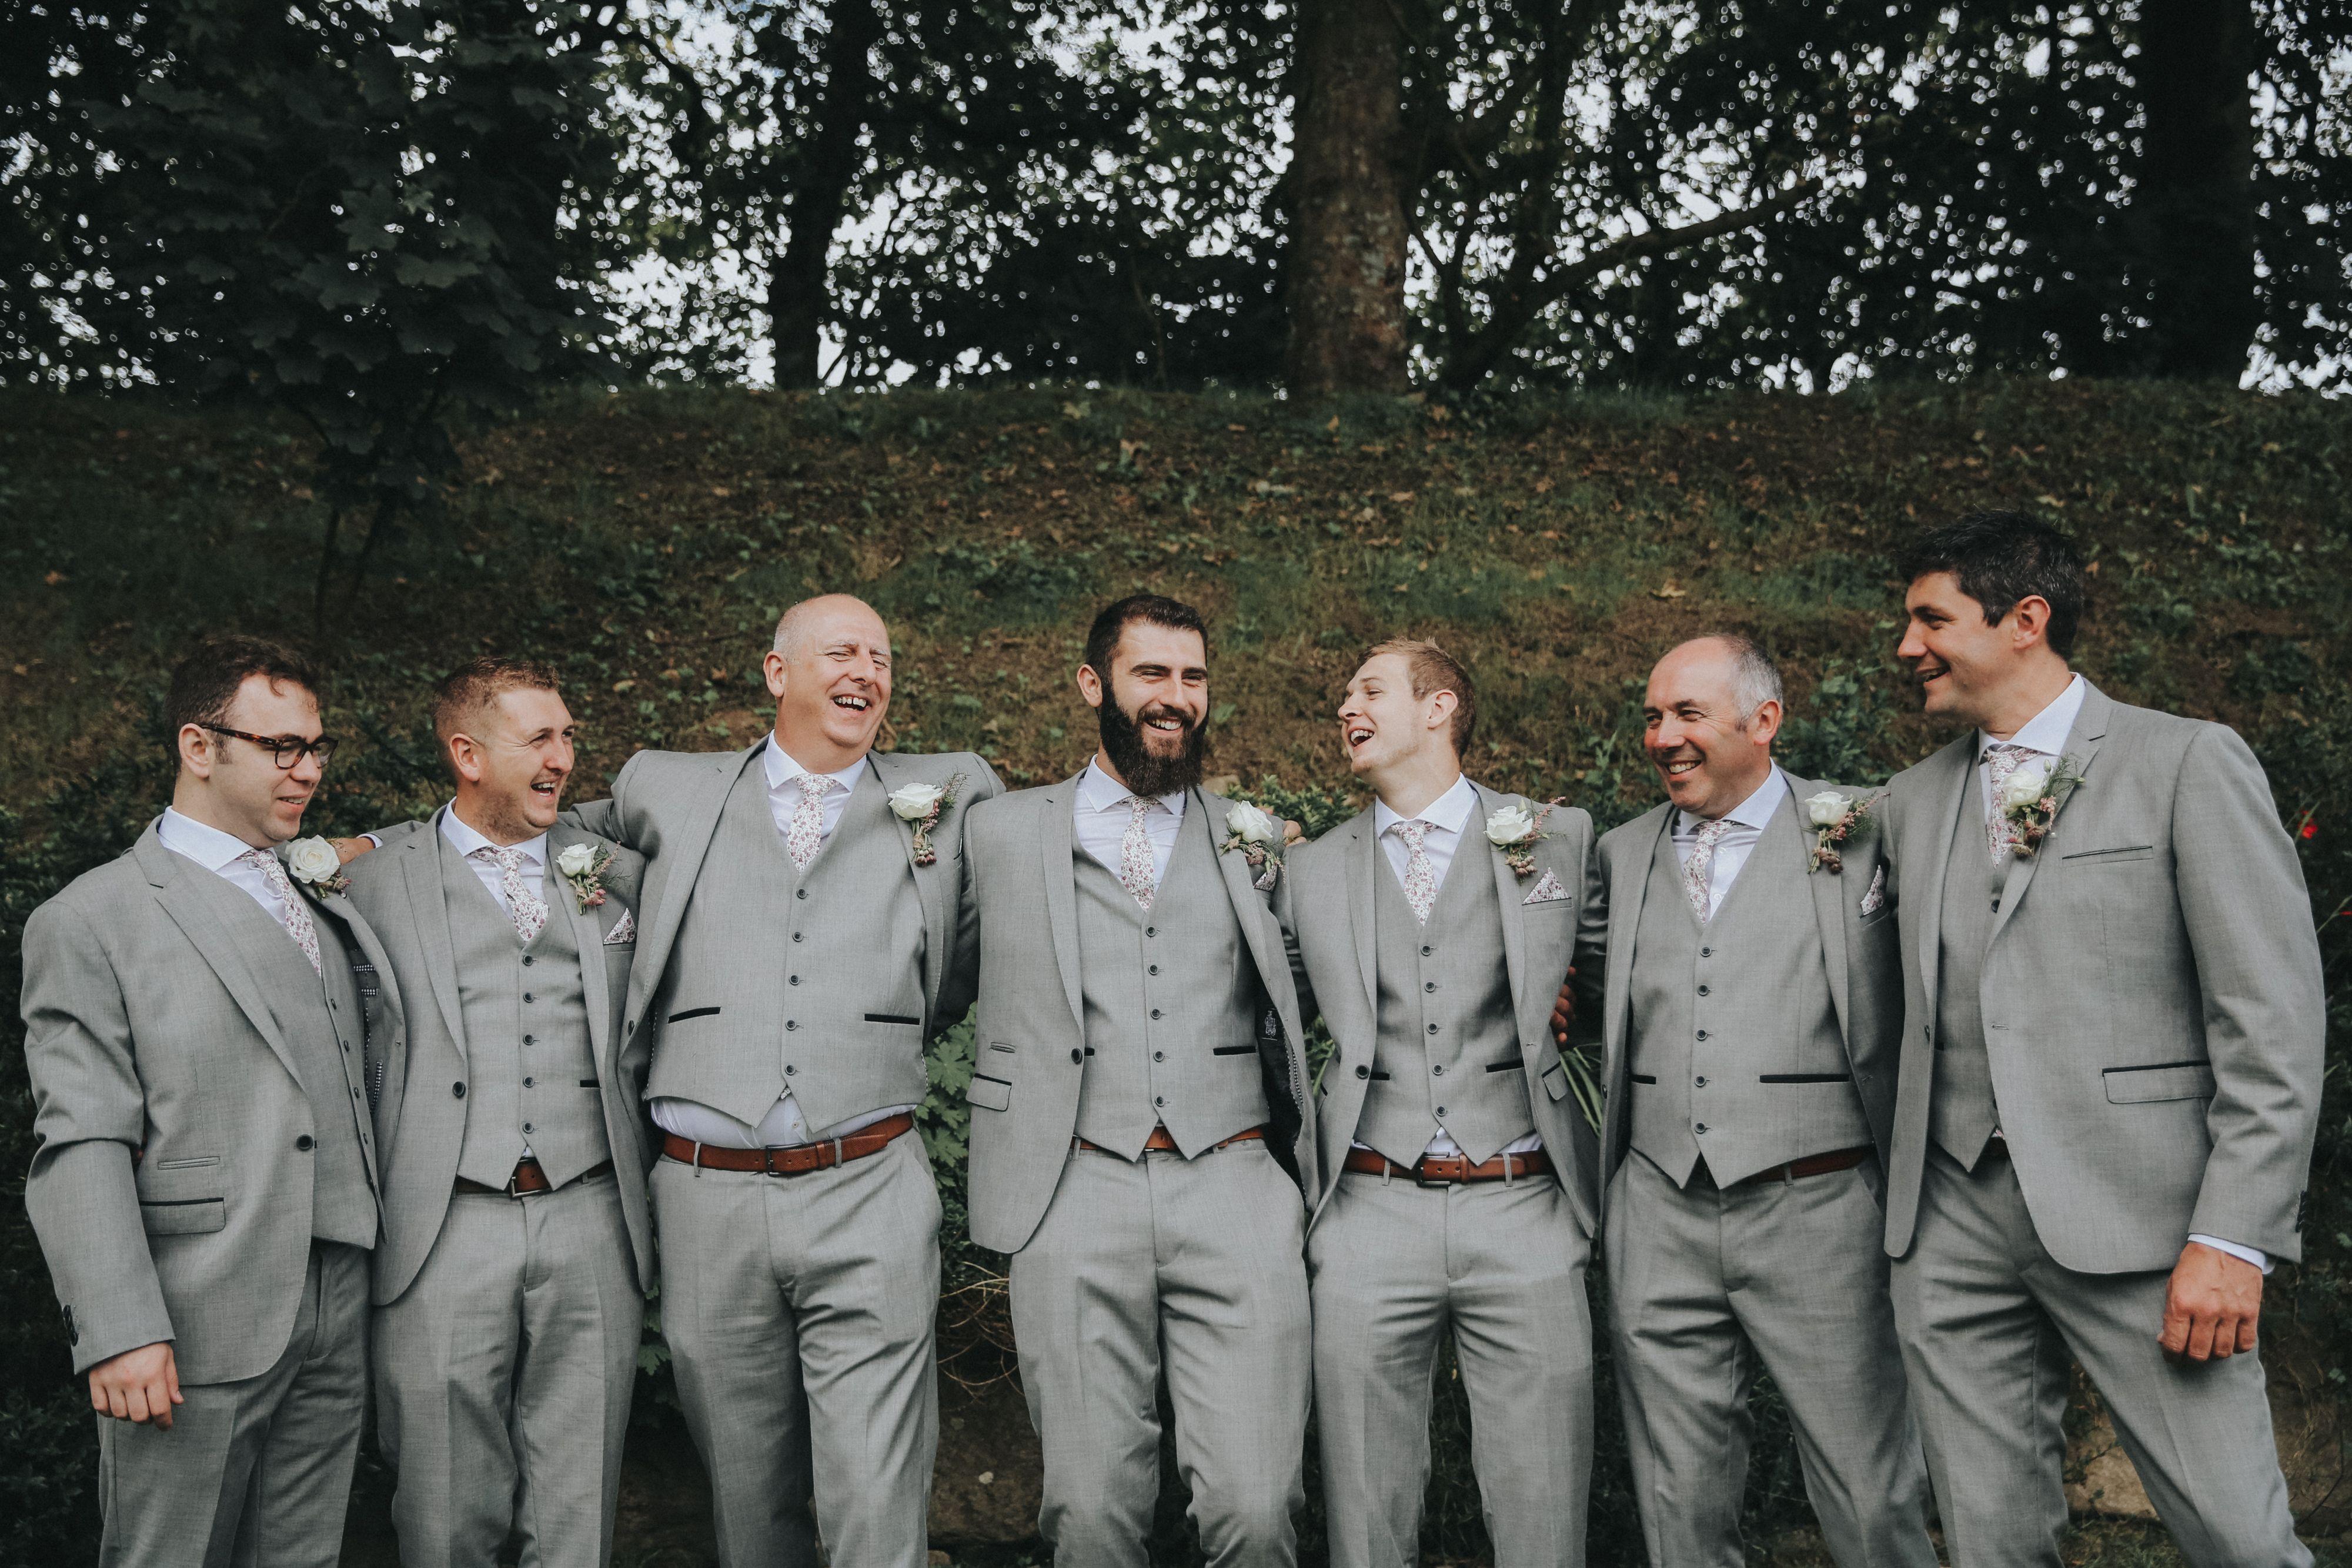 Grey Wedding Suit Grooms Grey Wedding Suit Groomsmen Suits Ushers Suits Grey Suit Wedding Groomsmen Suits Usher Suits